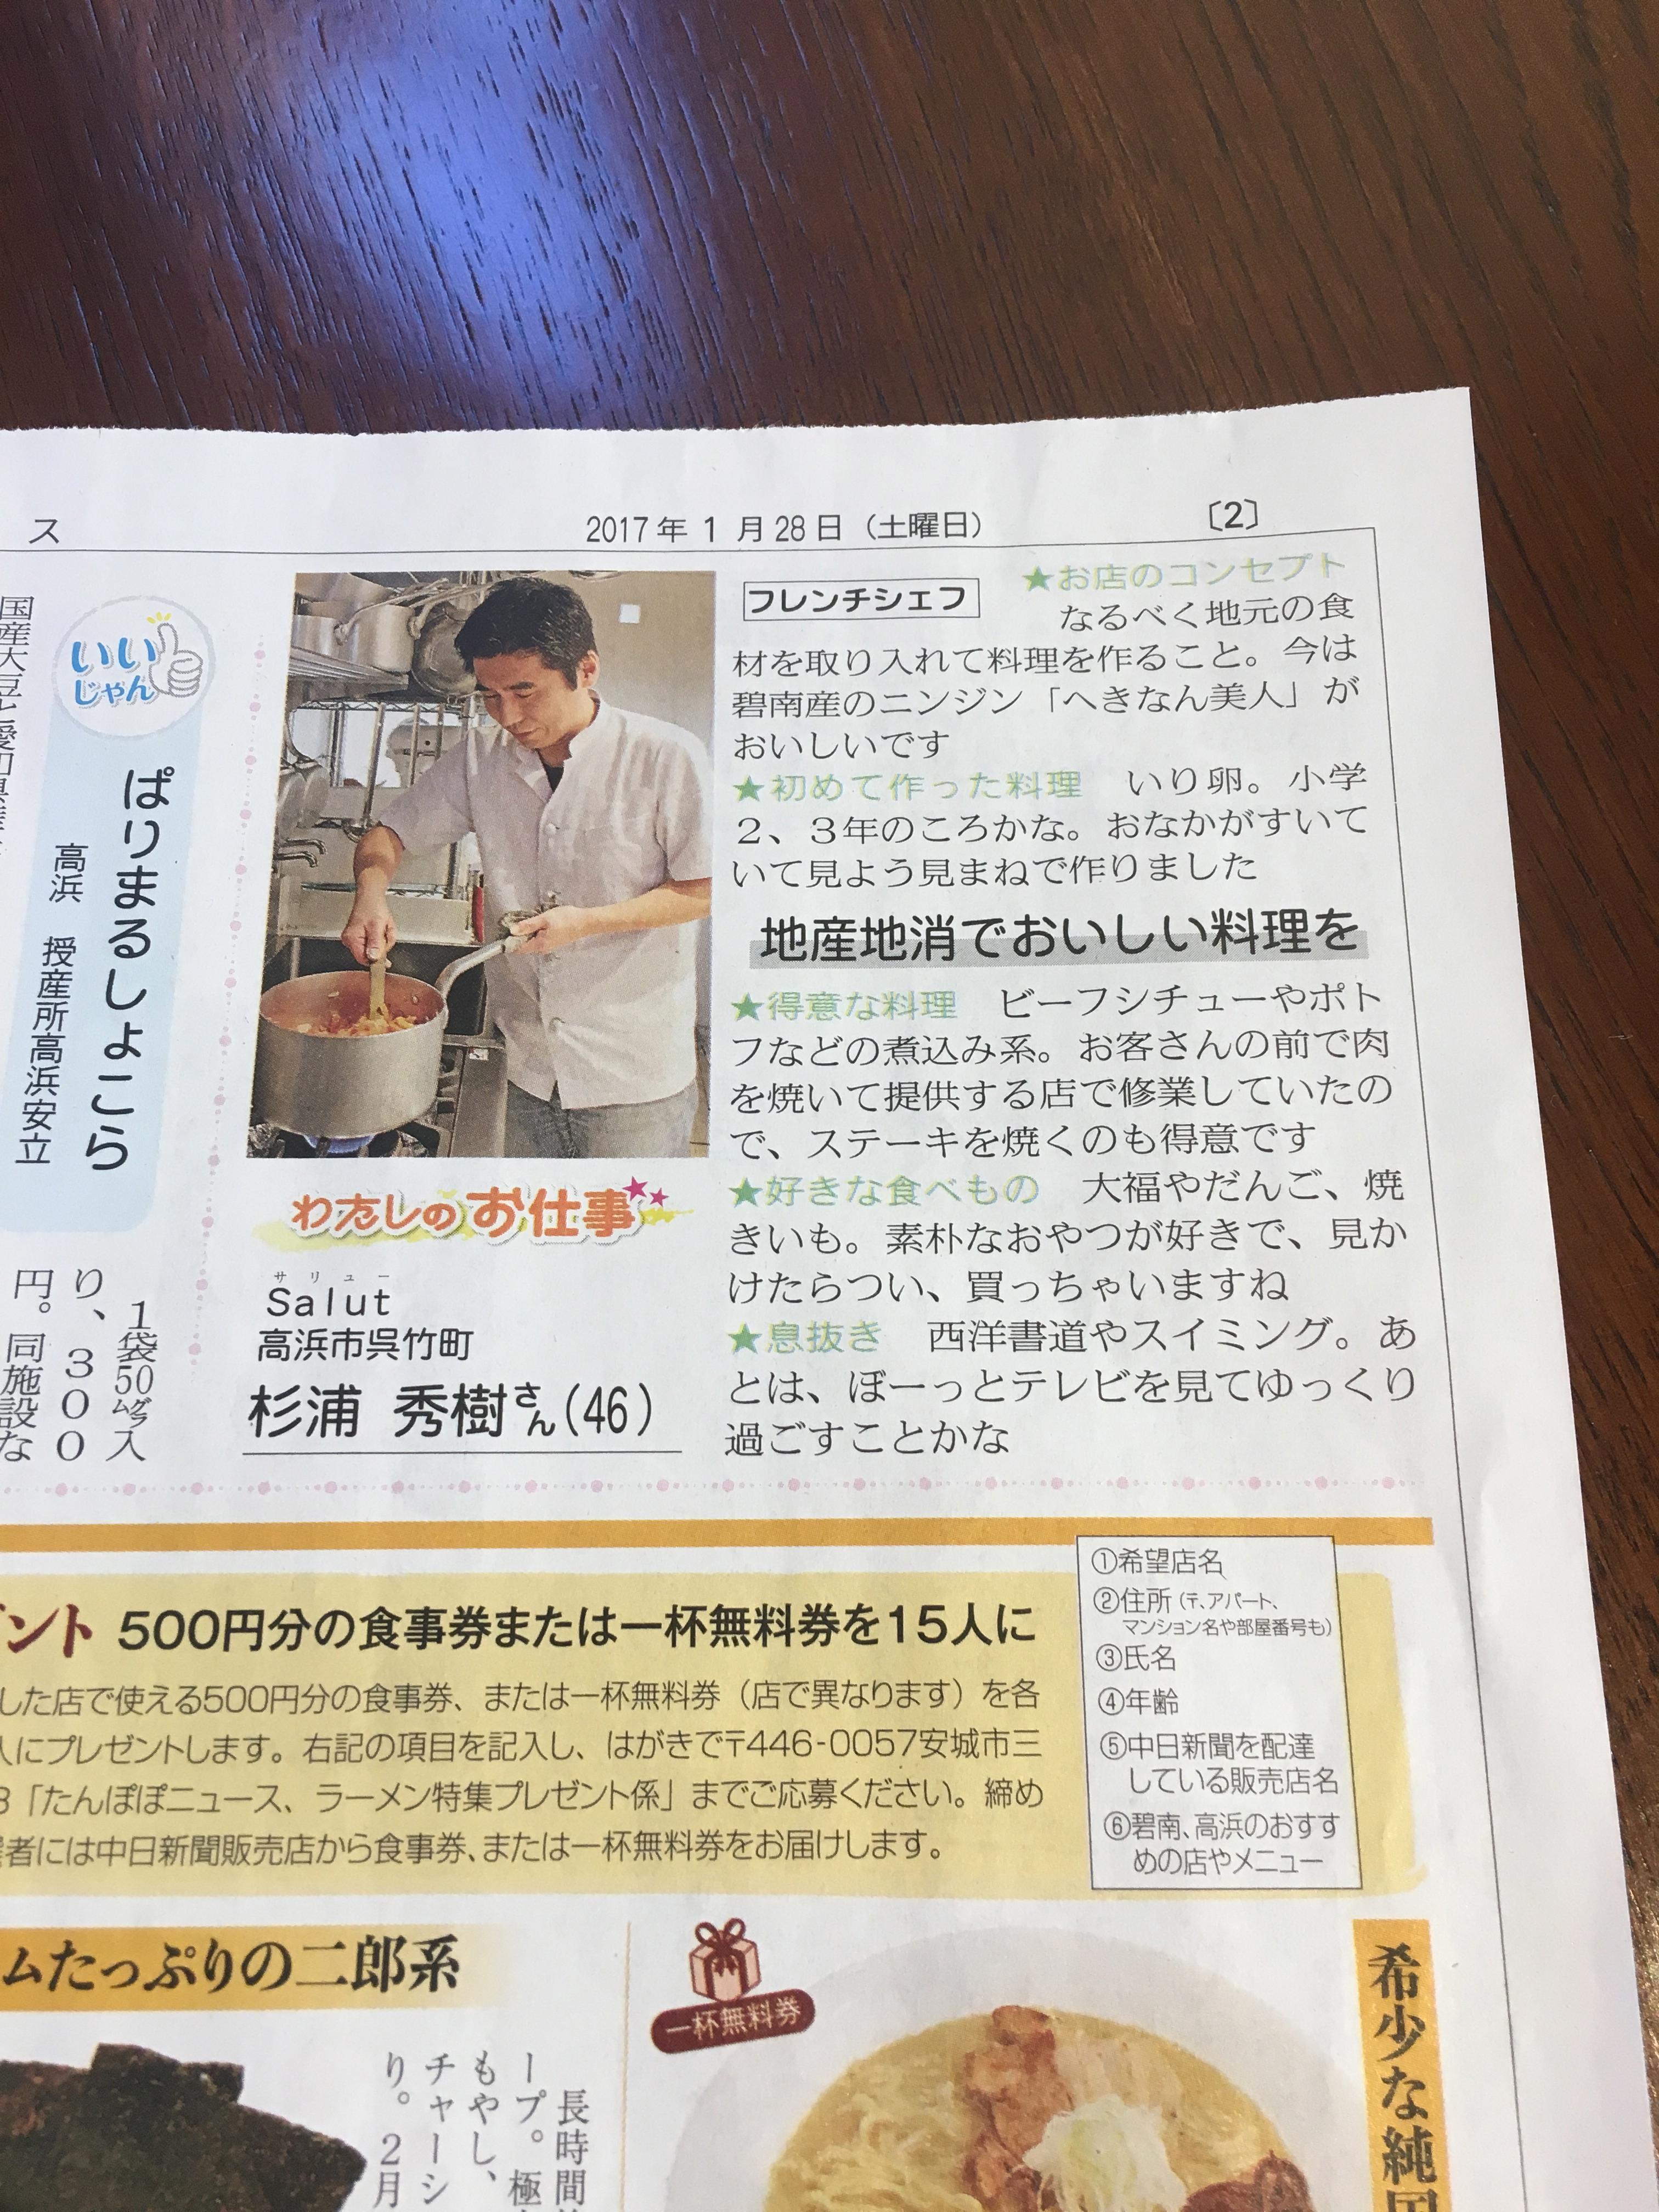 中日新聞の「たんぽぽ」ニュースに掲載されました!